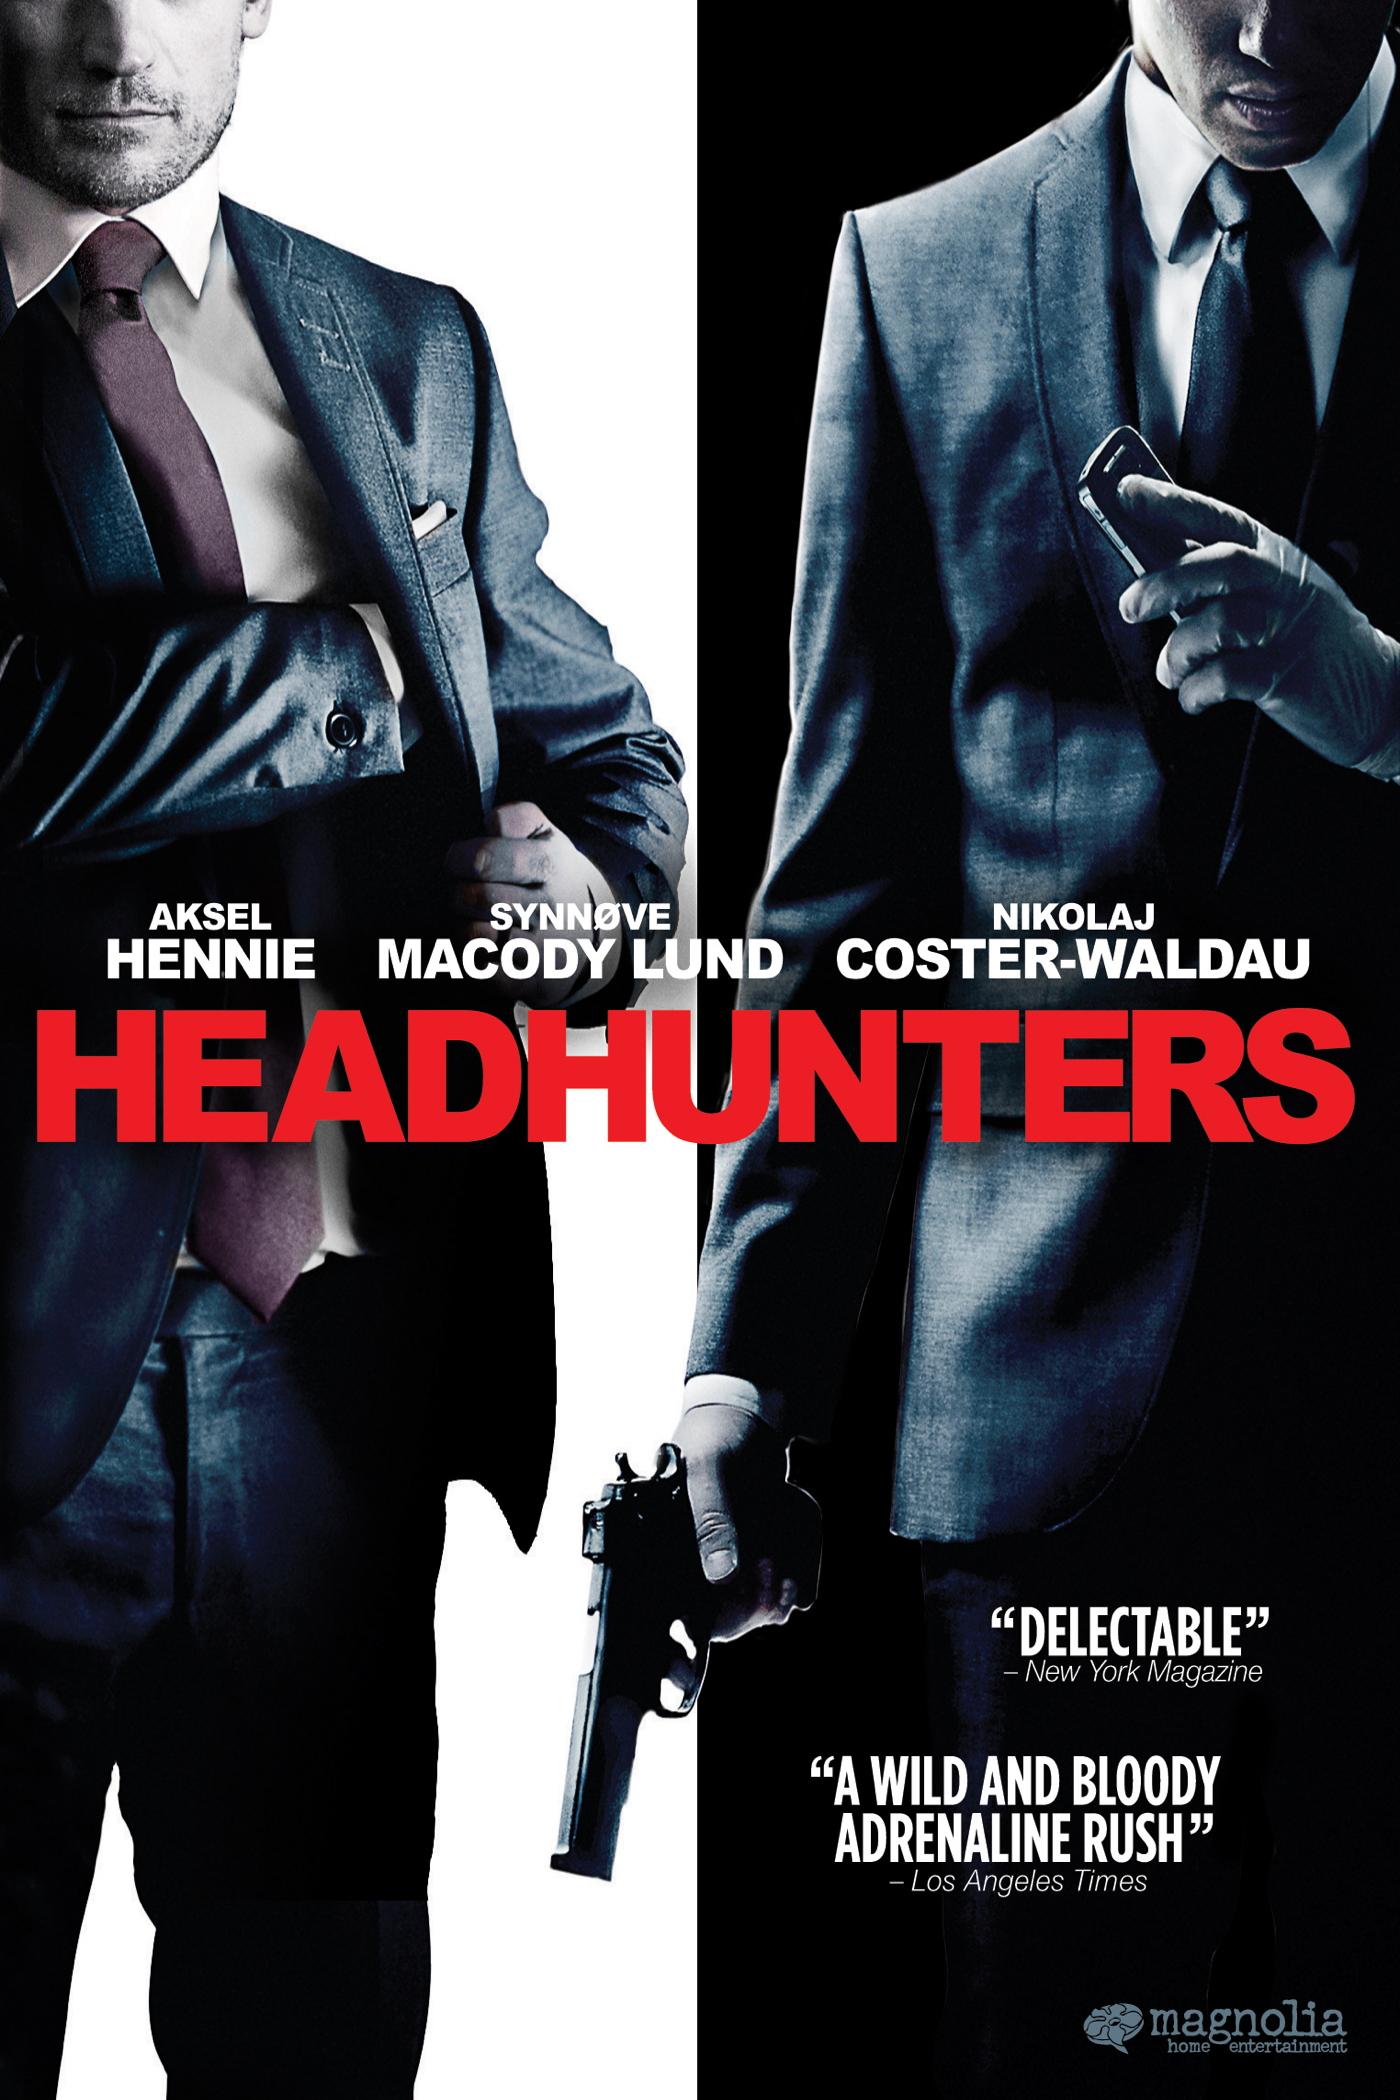 headhunters-poster-artwork-aksel-hennie-nikolaj-coster-waldau-synnove-macody-lund.jpg